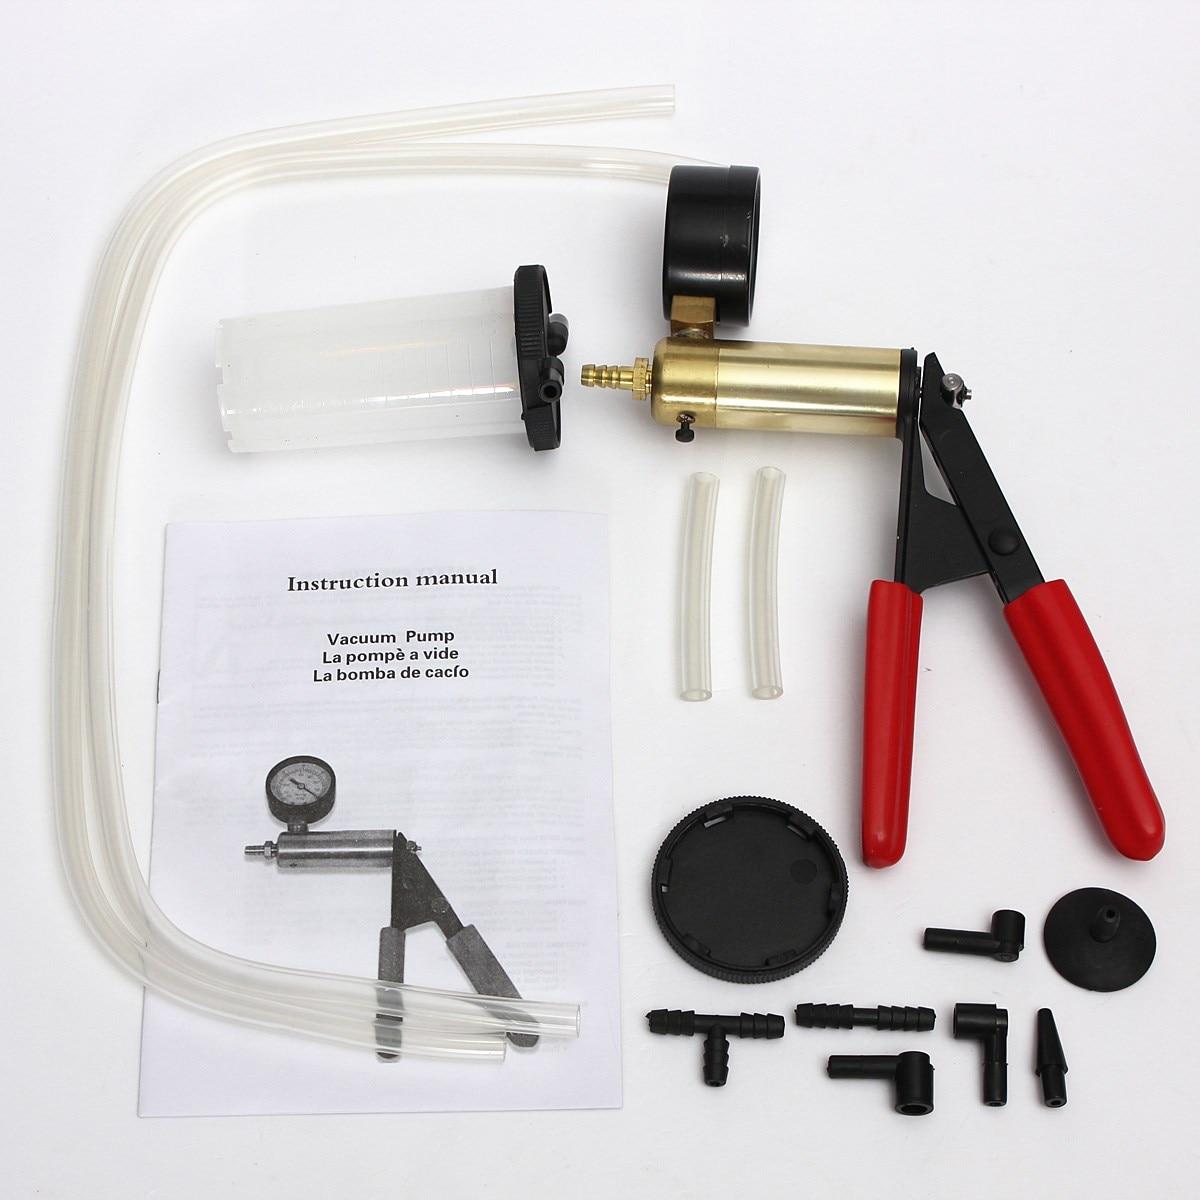 New Car Auto Hand Held Vacuum Pump Brake Bleed Fluid Reservoir Tester PRESSURE GAUGE In Tire Repair Tools From Automobiles Motorcycles On Aliexpress